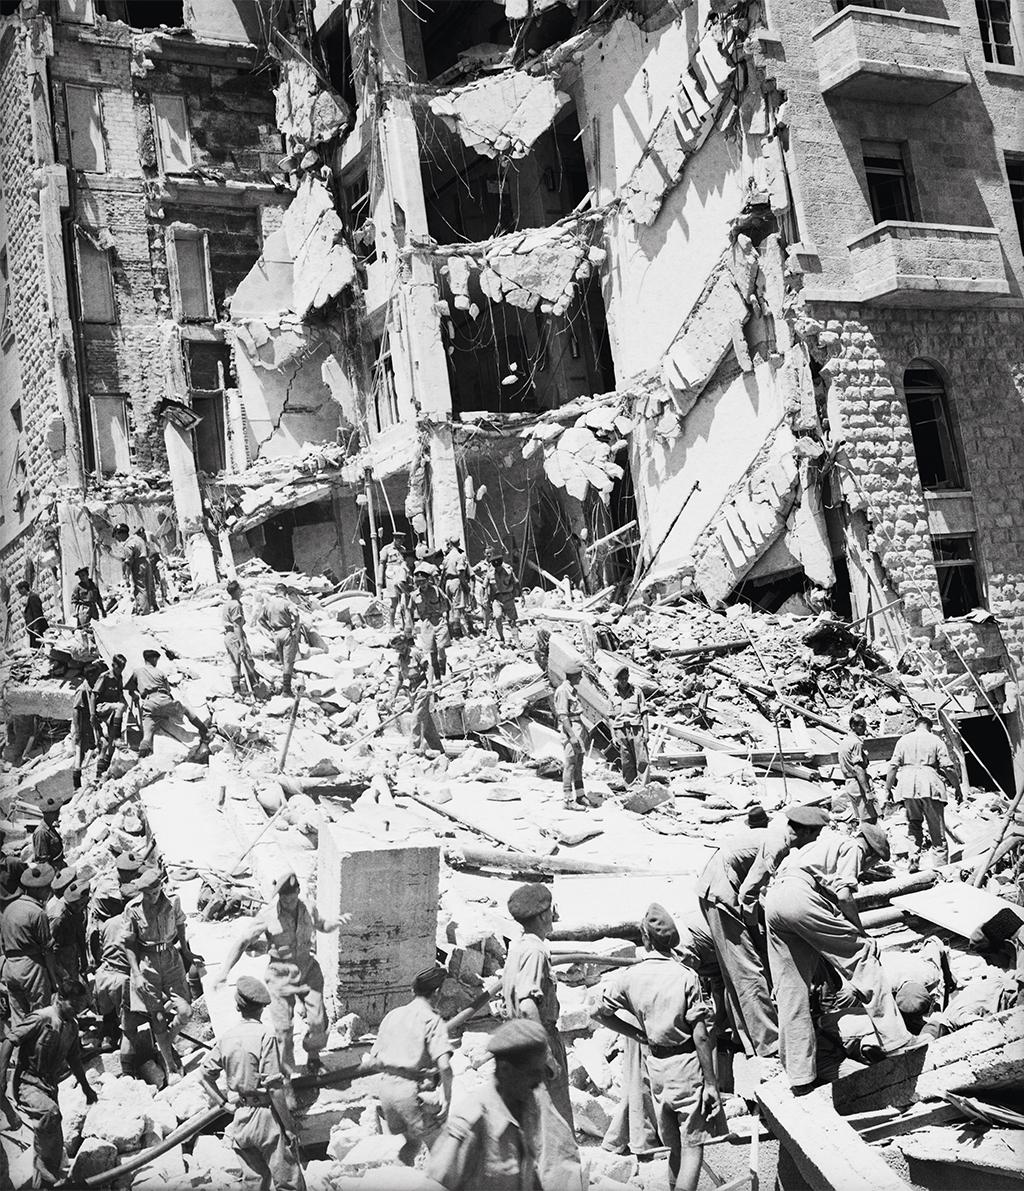 Atentado a bomba contra o Hotel King David, em Jerusalém, executado pelo grupo terrorista judeu Irgun, em 1946: 91 mortos, a maioria britânicos. Na imagem, a fachada do hotel destruído.